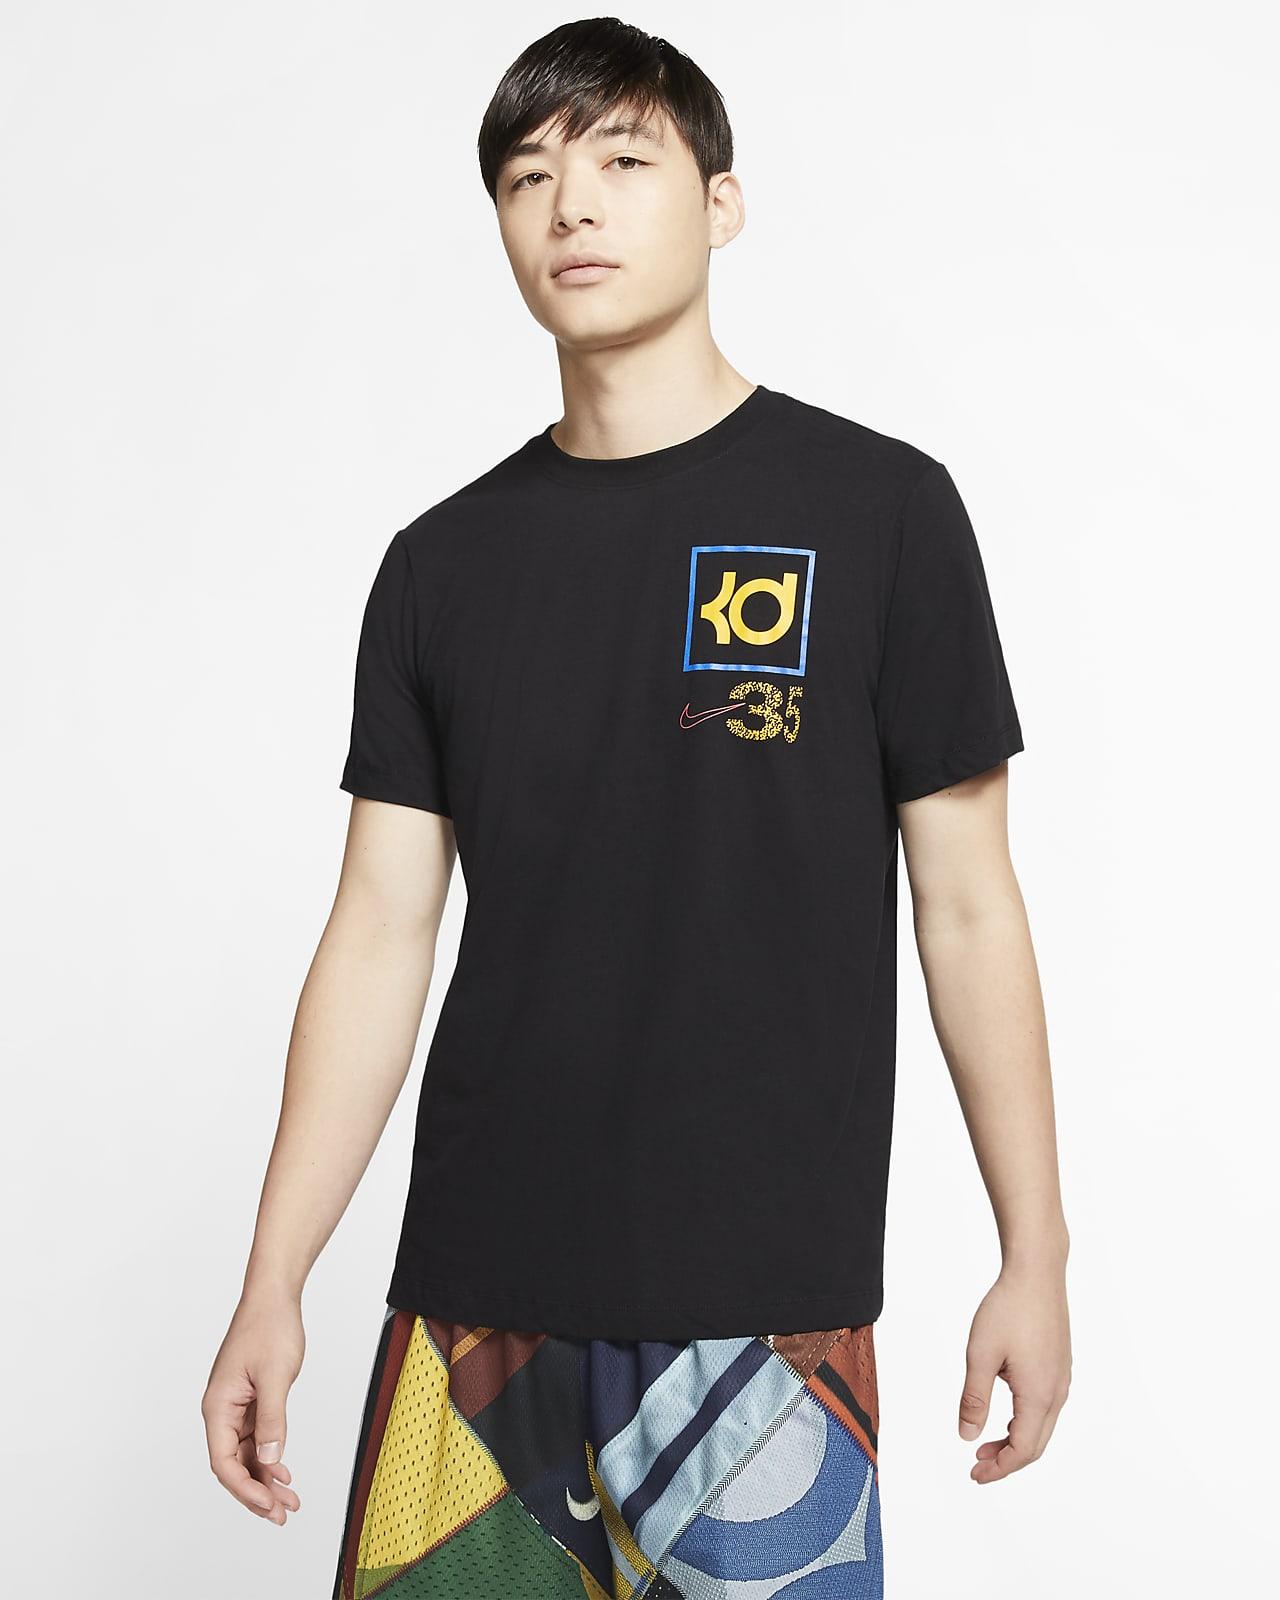 เสื้อยืดบาสเก็ตบอลผู้ชาย Nike Dri-FIT KD